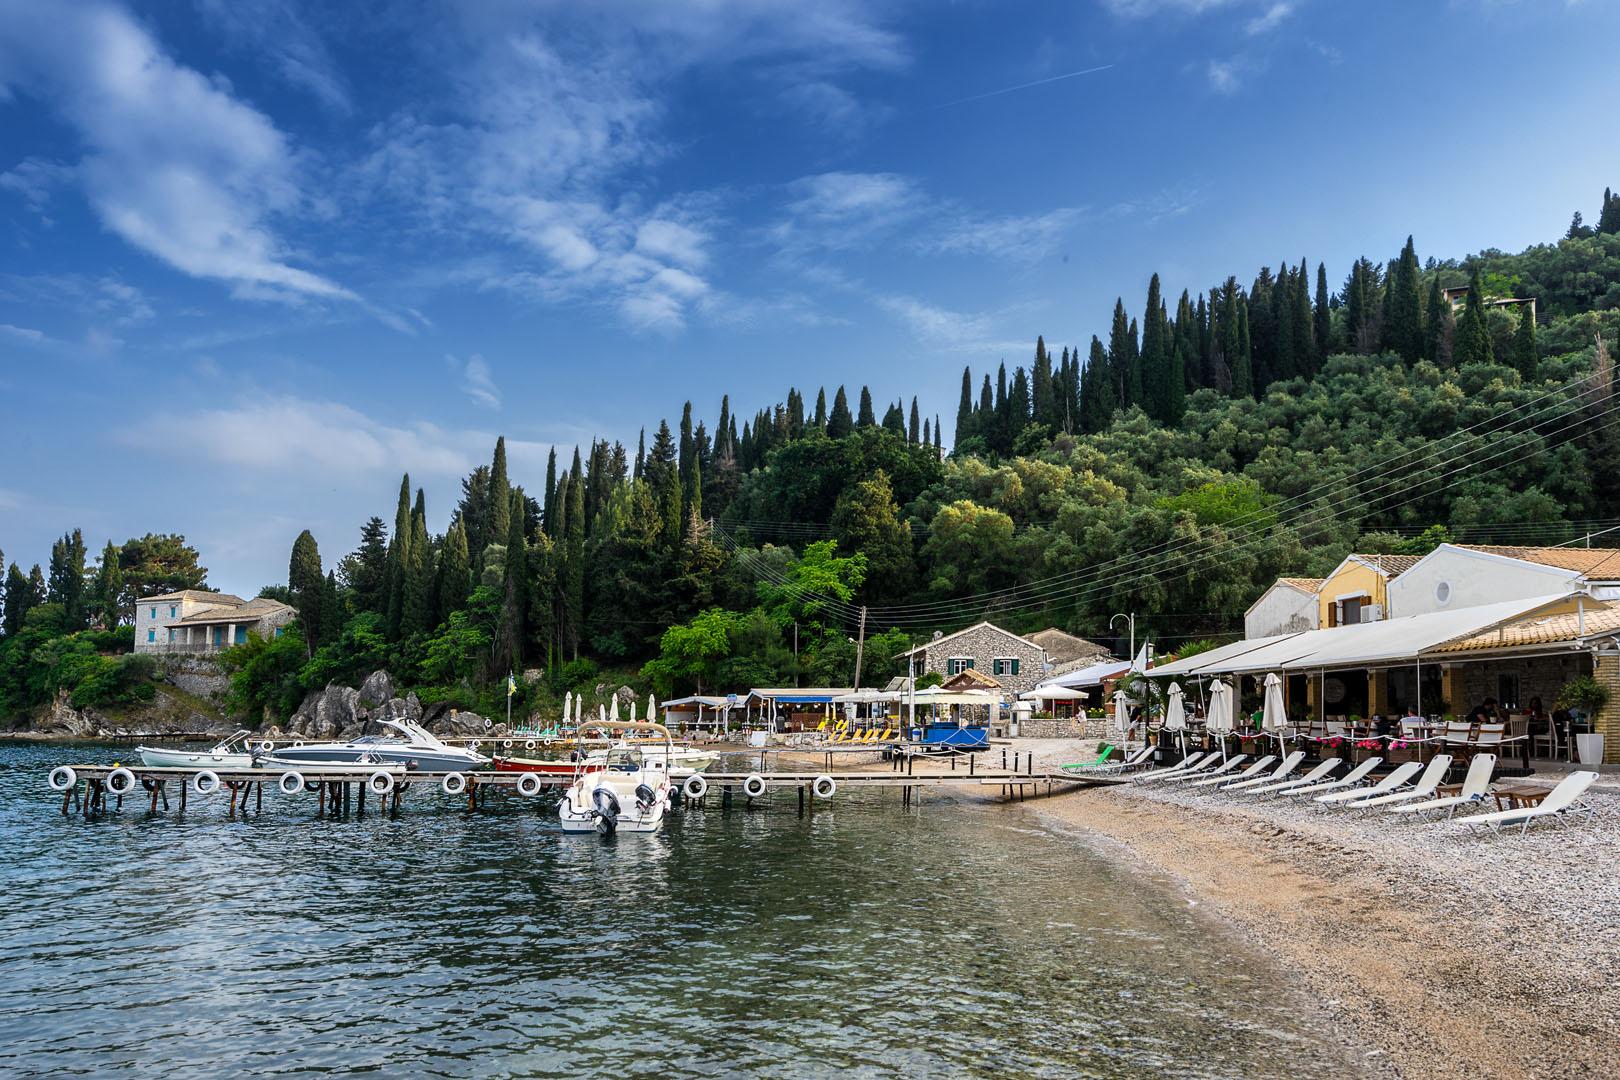 Corfu-Boats-in-Agni